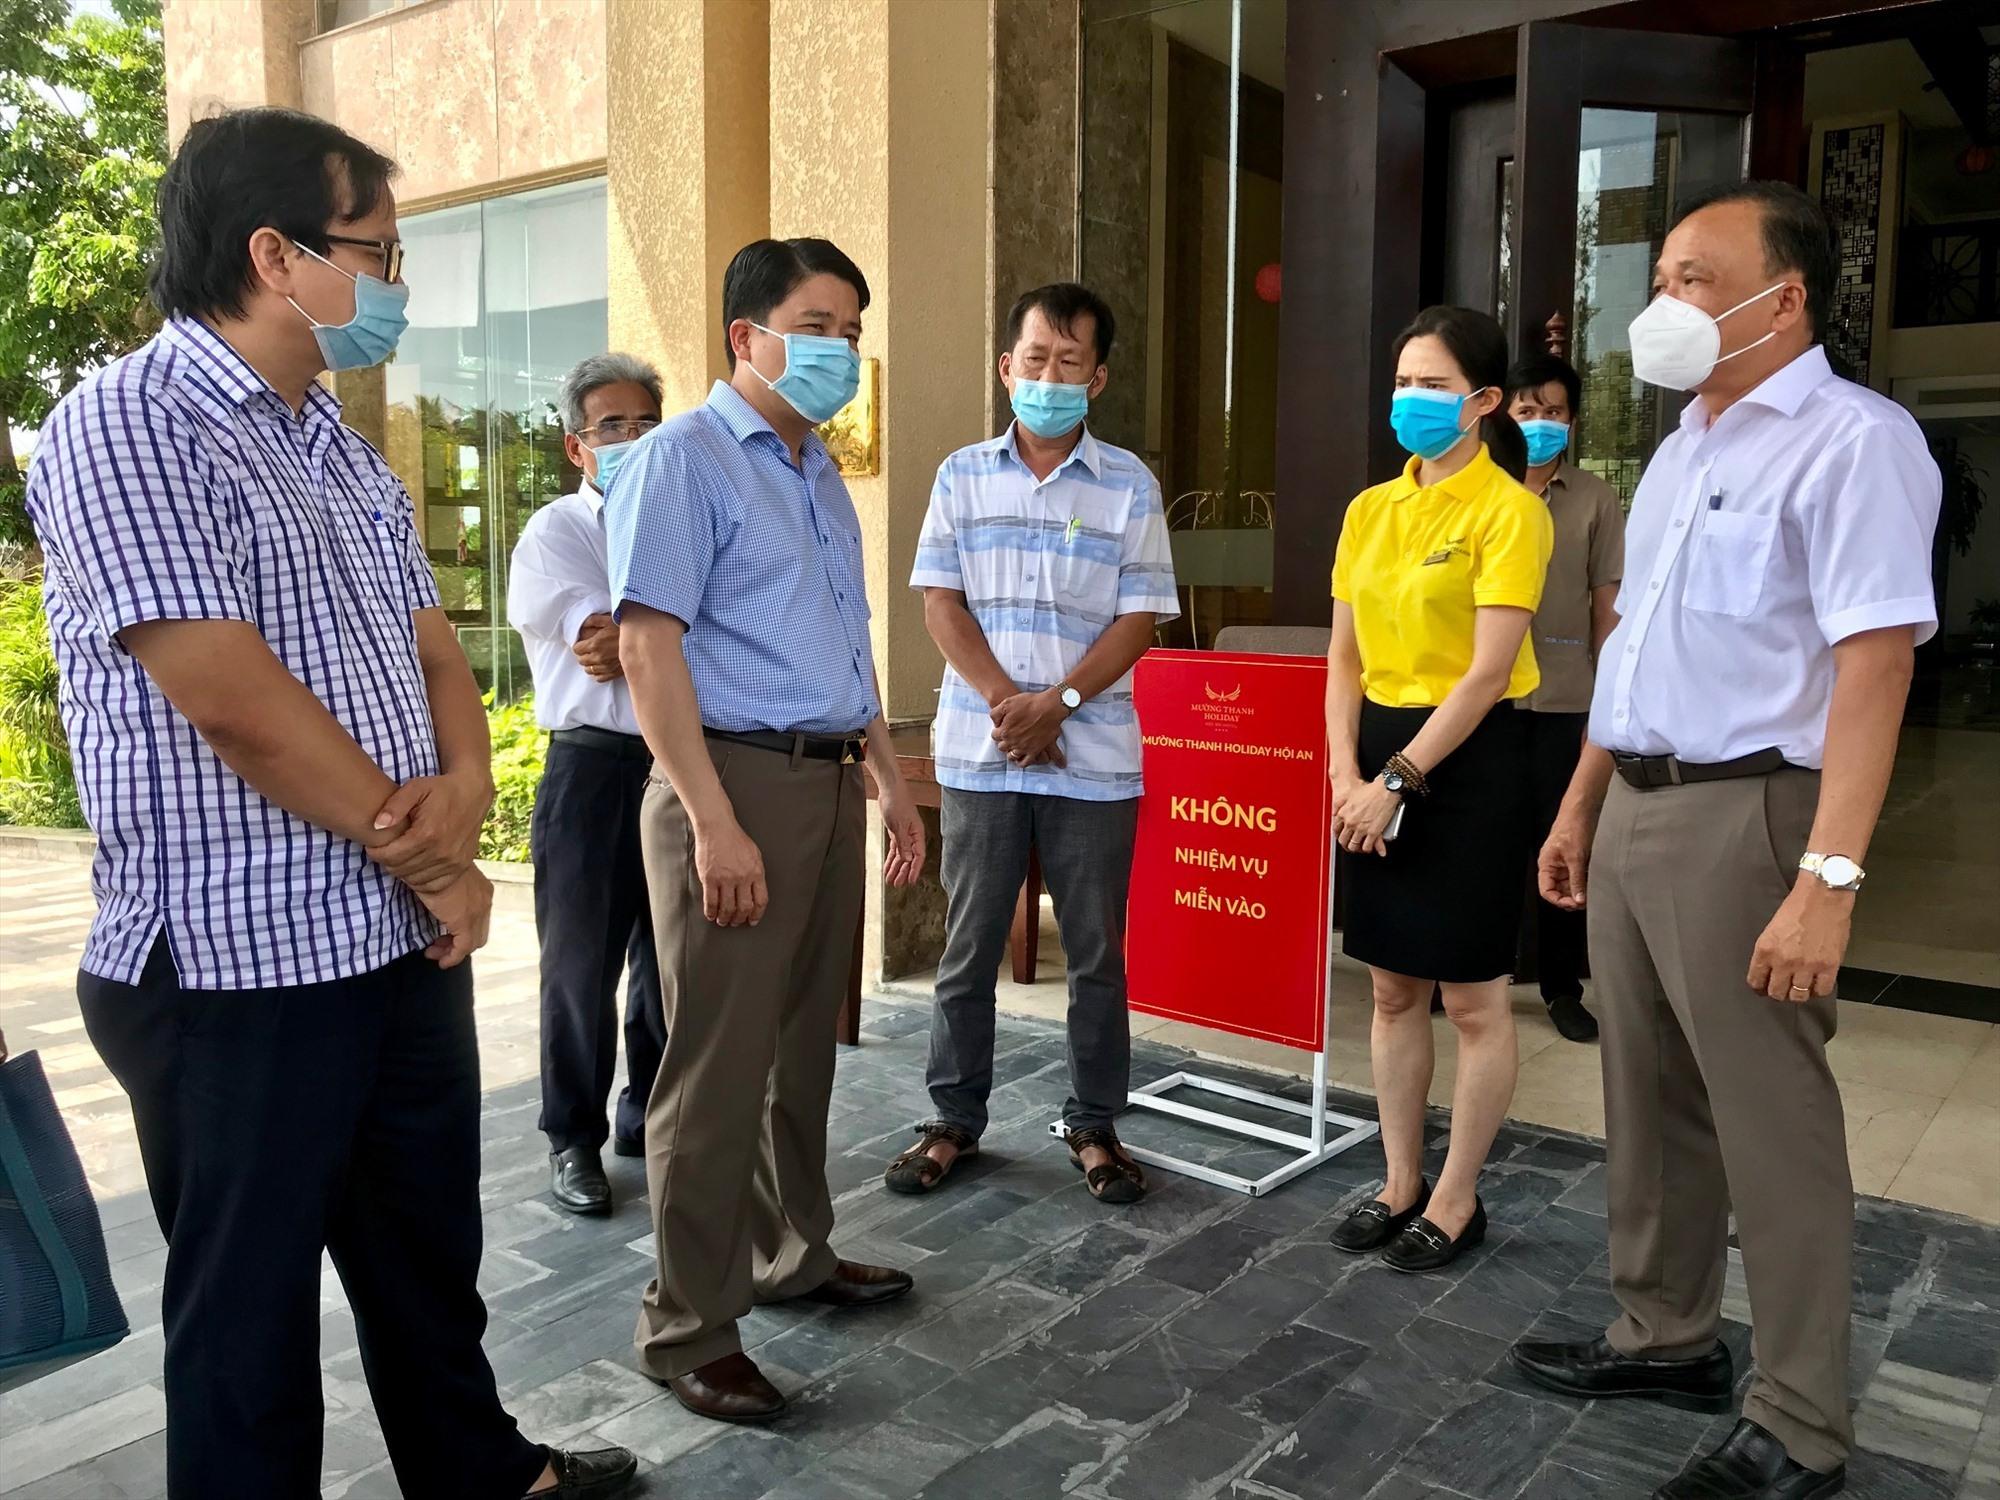 Phó Chủ tịch UBND tỉnh Trần Văn Tân và lãnh đạo các sở, ngành liên quan kiểm tra công tác vận hành đón khách cách ly tập trung có thu phí tại khách sạn Mường Thanh Hội An. Ảnh: Q.T